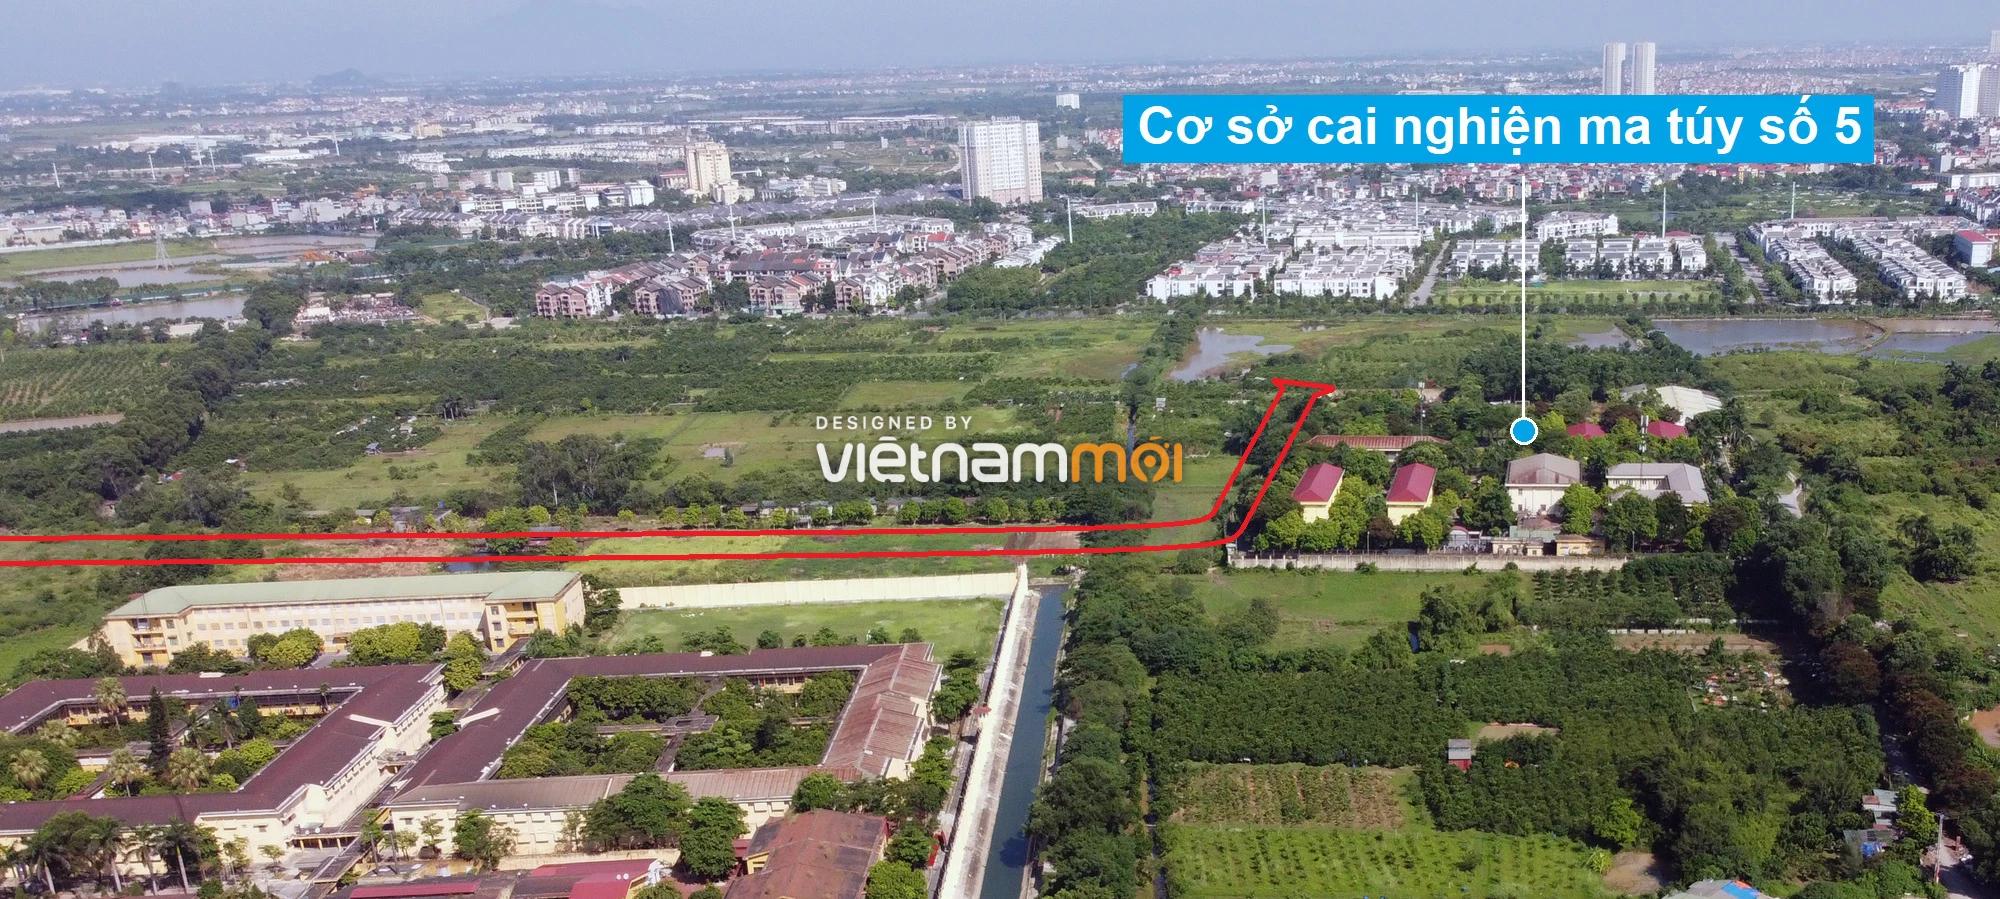 Những khu đất sắp thu hồi để mở đường ở phường Xuân Phương, Nam Từ Liêm, Hà Nội (phần 8) - Ảnh 10.